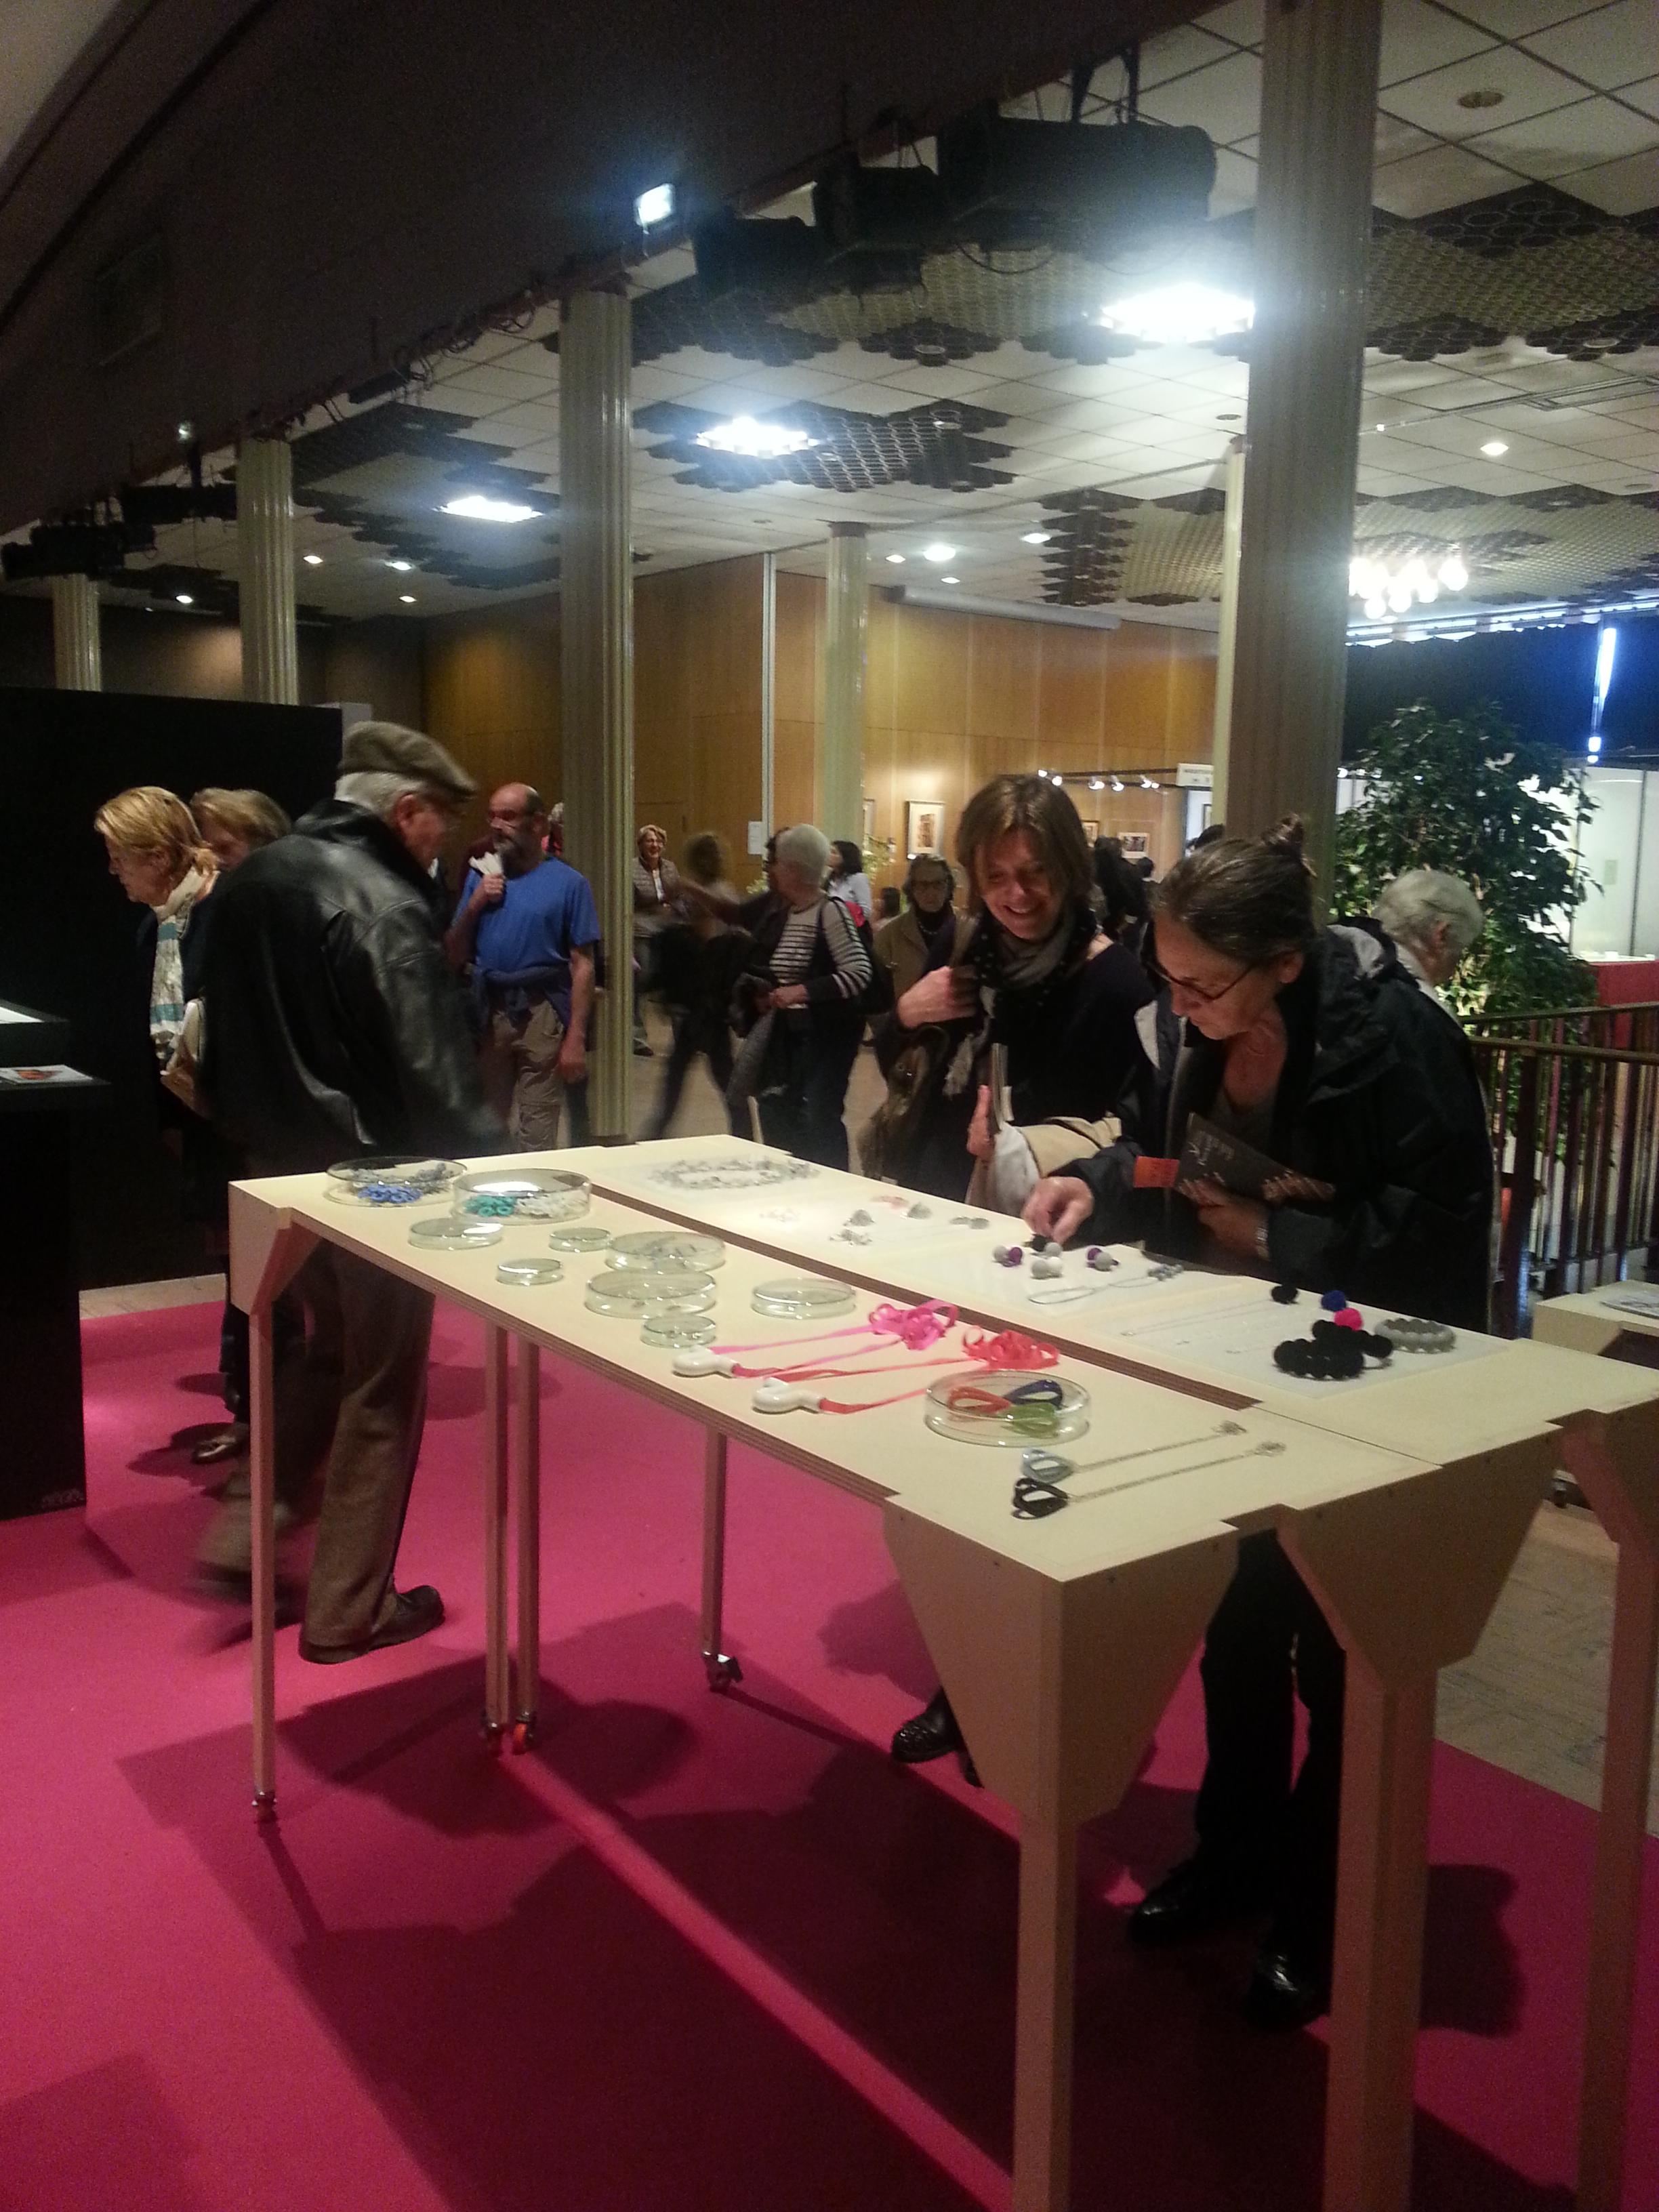 Salon des Métiers d'Art, Palais des Festivités, Mai 2015, Evian. Photo D. Loustalot.